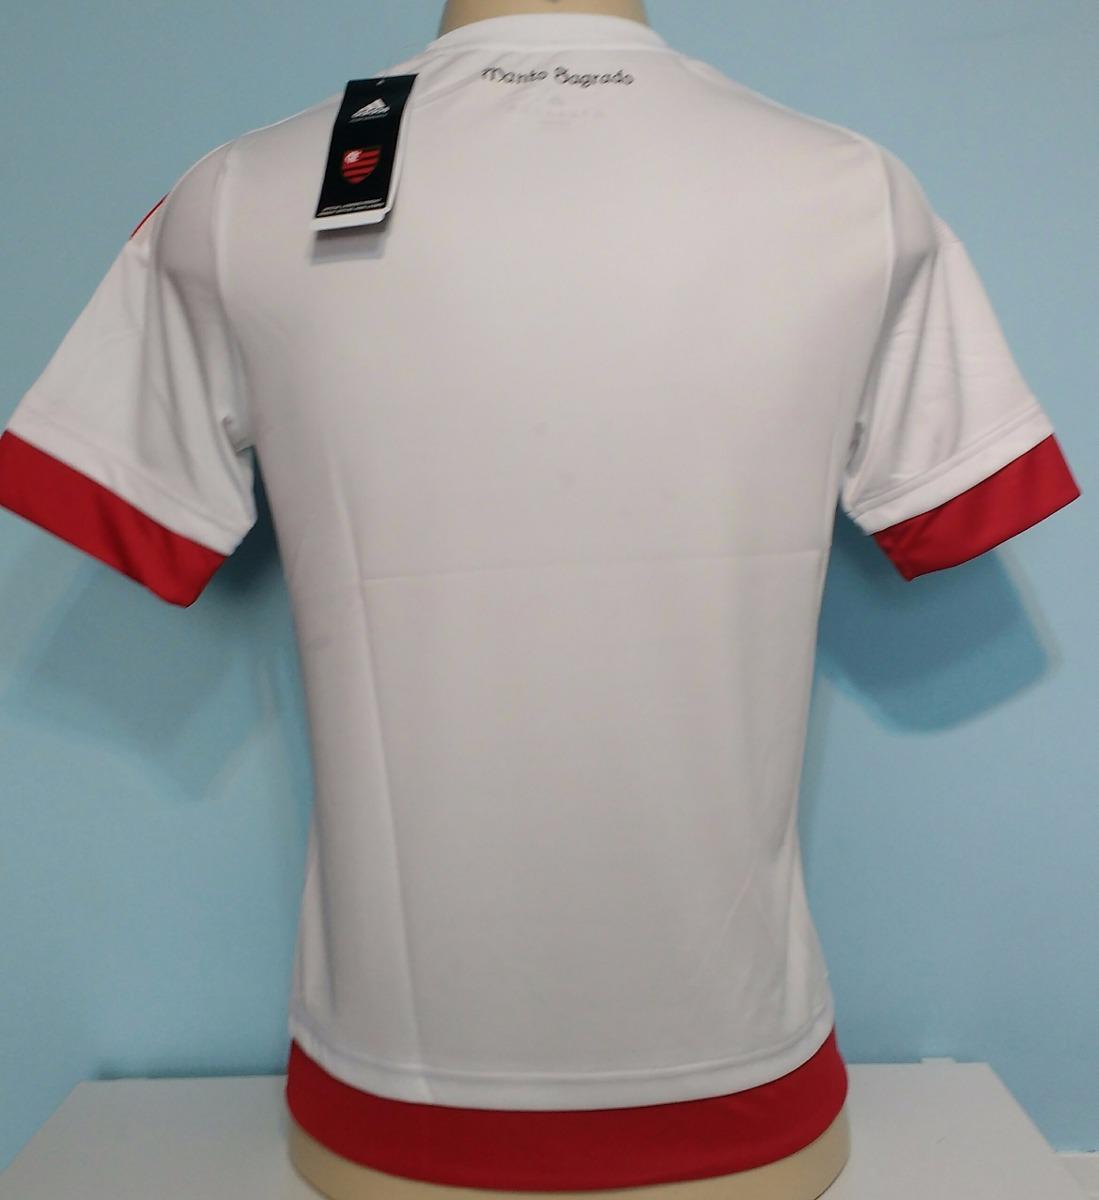 Camisa Do Flamengo Feminina Original adidas Climacool - R  89 3ad3173500f30